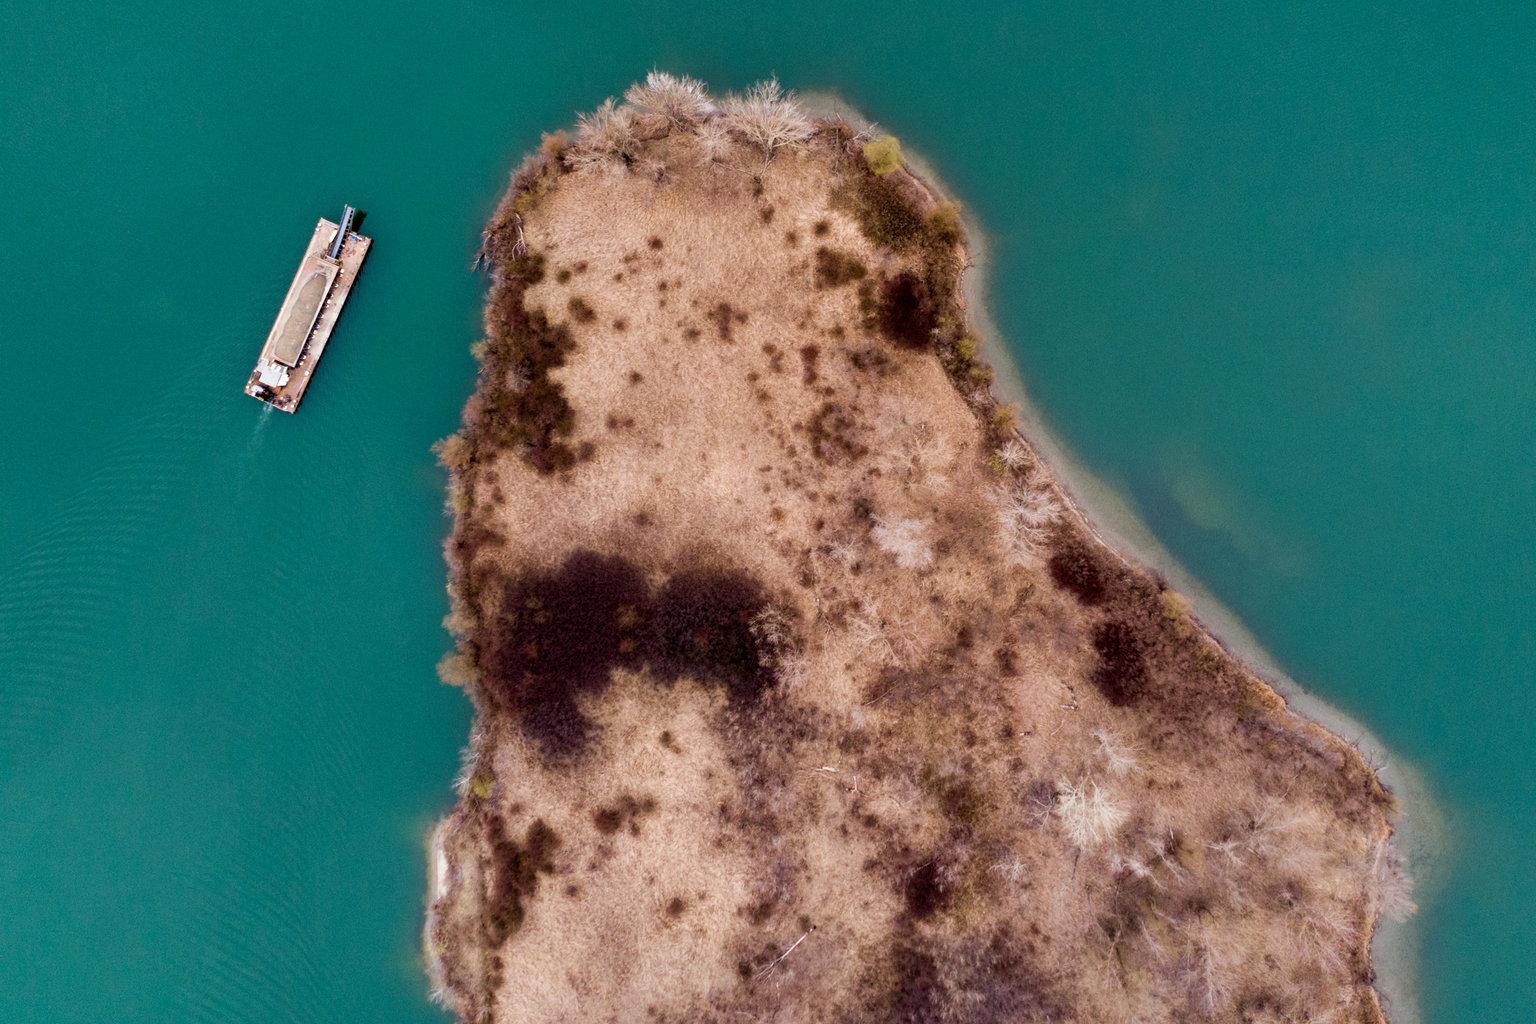 Nyékládháza, 2019. március 22. Úszókotró hajó az István-tavon Nyékládháza közelében 2019. március 19-én. Az ENSZ március 22-ét nyilvánította a víz világnapjává, amelynek célja a környezet és ezen belül a Föld vízkészletének védelme. MTI/Czeglédi Zsolt